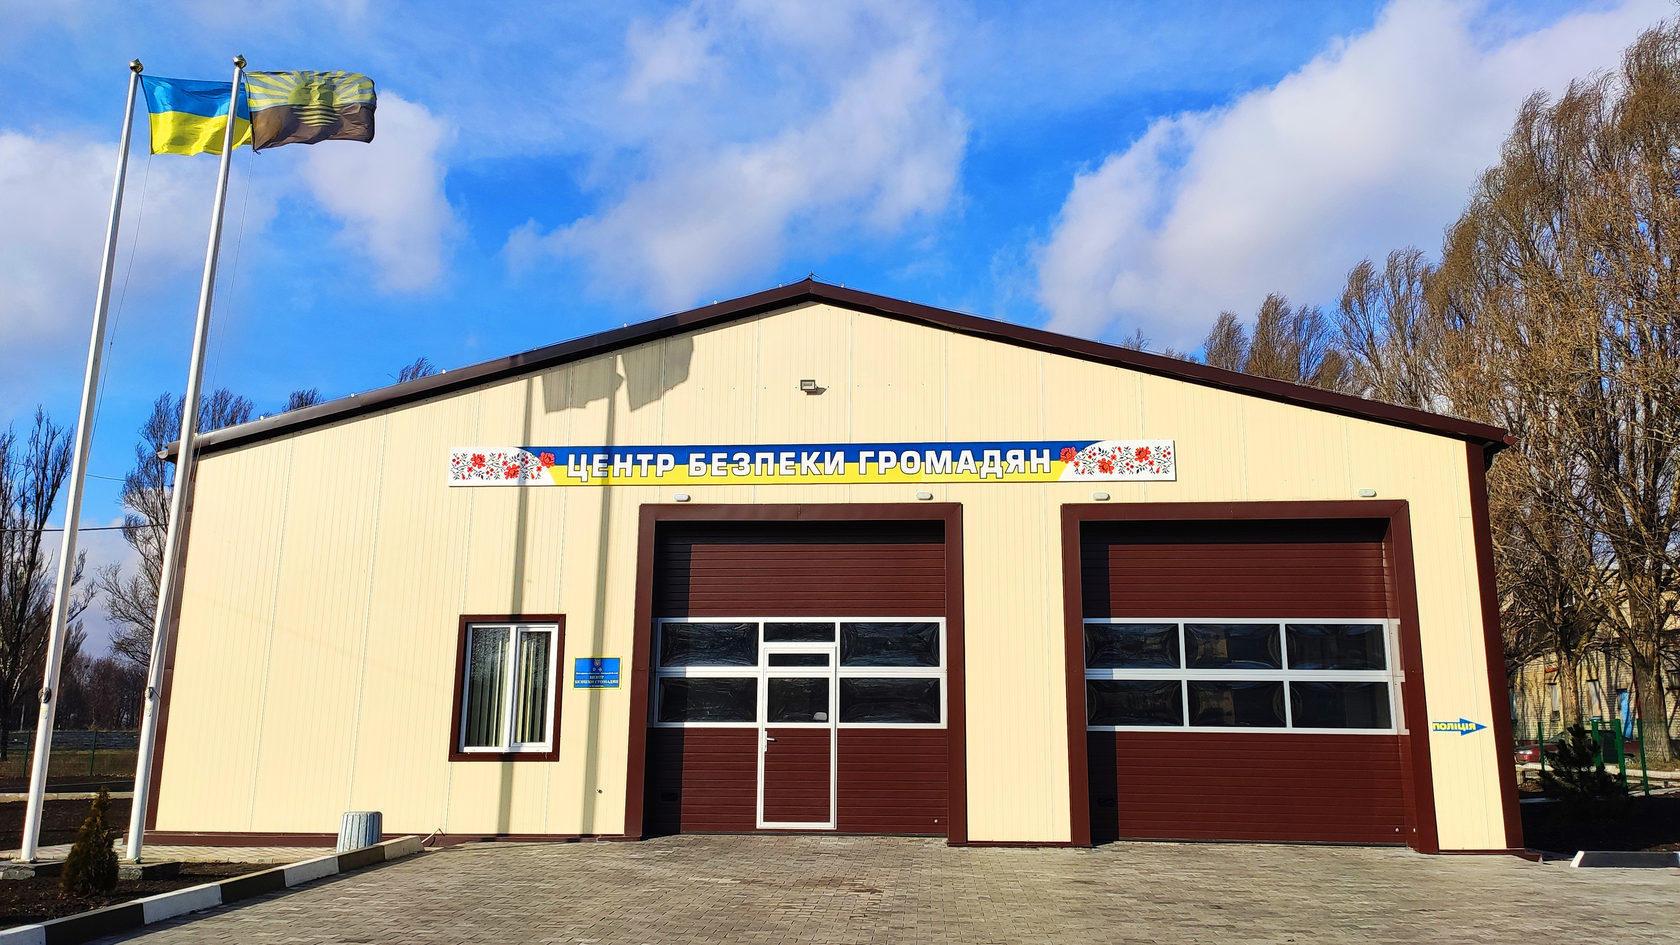 На Донеччині закриють 2 центри безпеки. Будівлі будували з нуля, люди пропрацювали рік